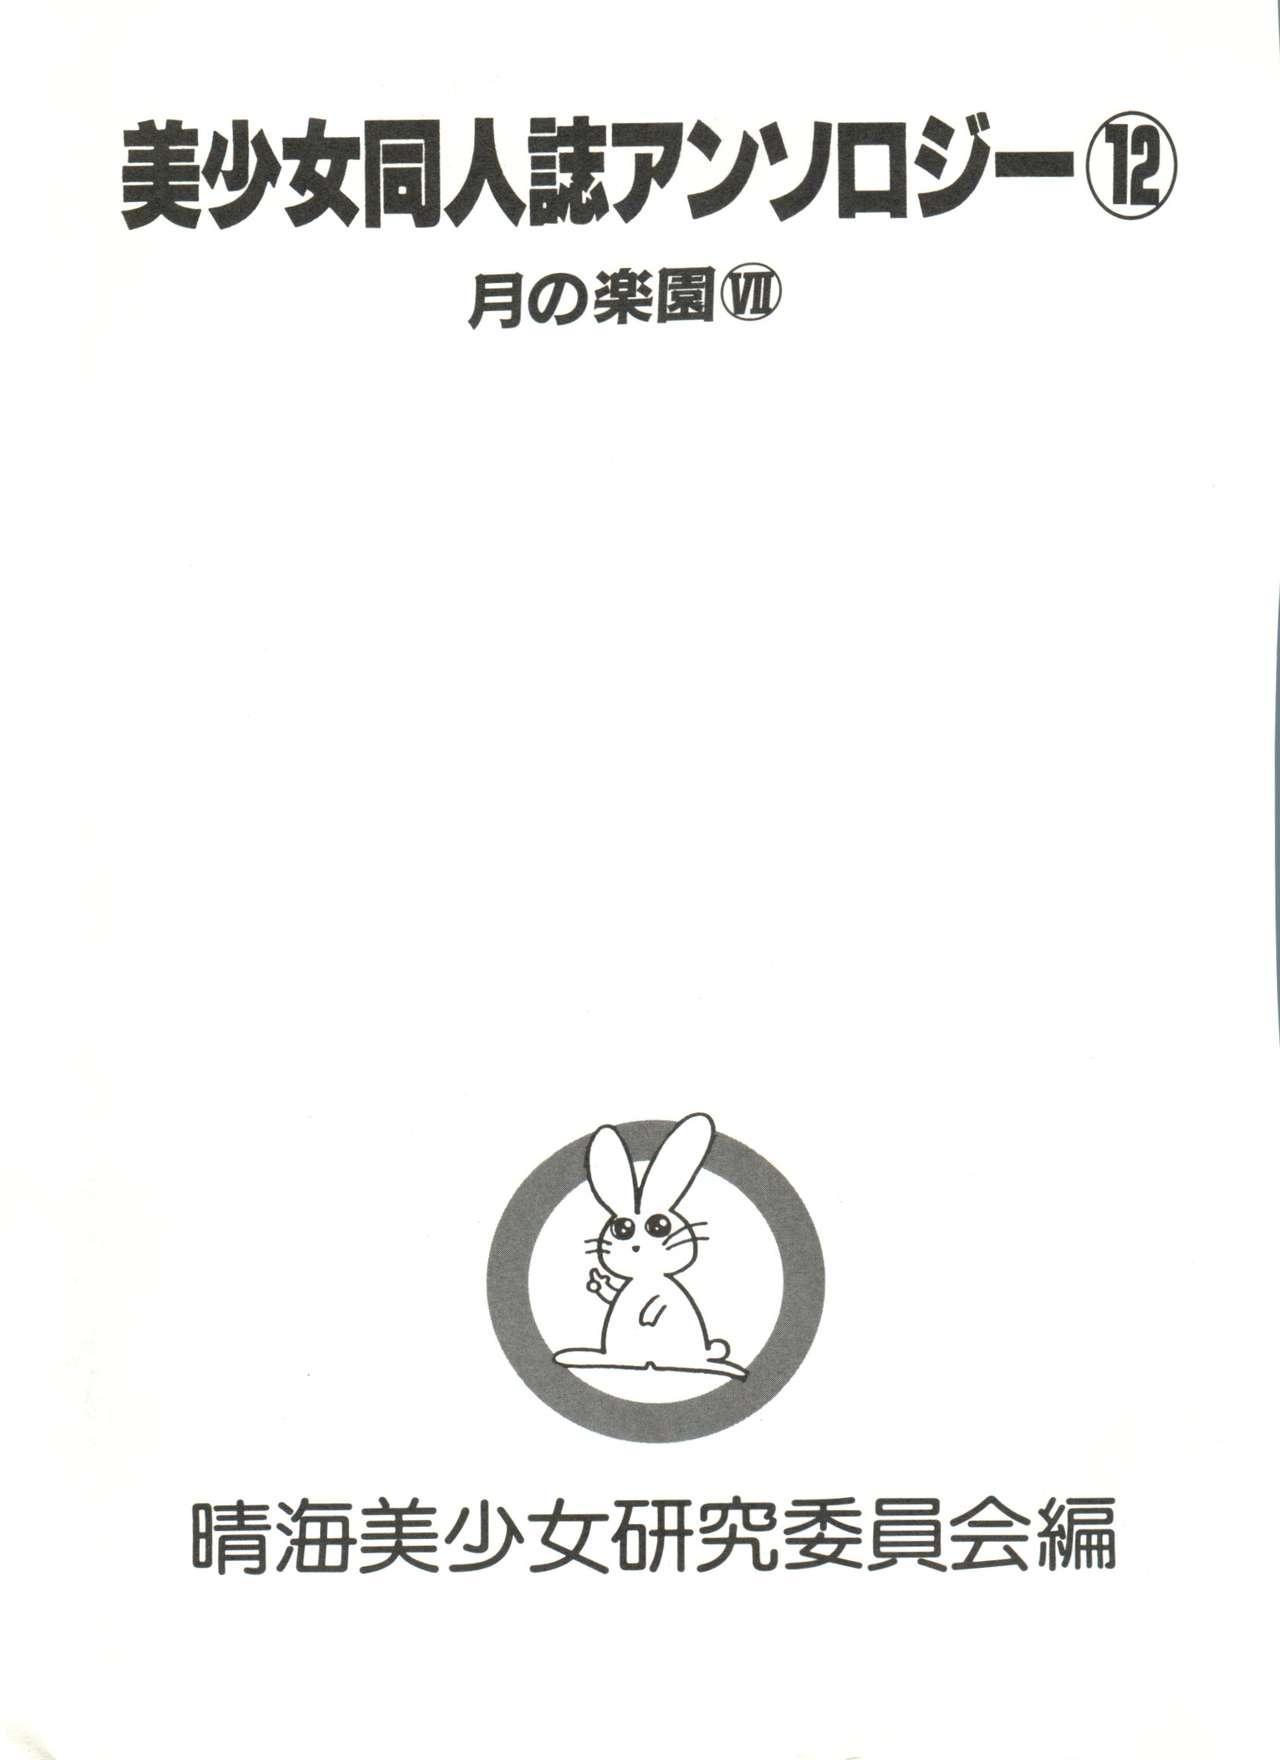 Bishoujo Doujinshi Anthology 12 - Moon Paradise 7 Tsuki no Rakuen 5